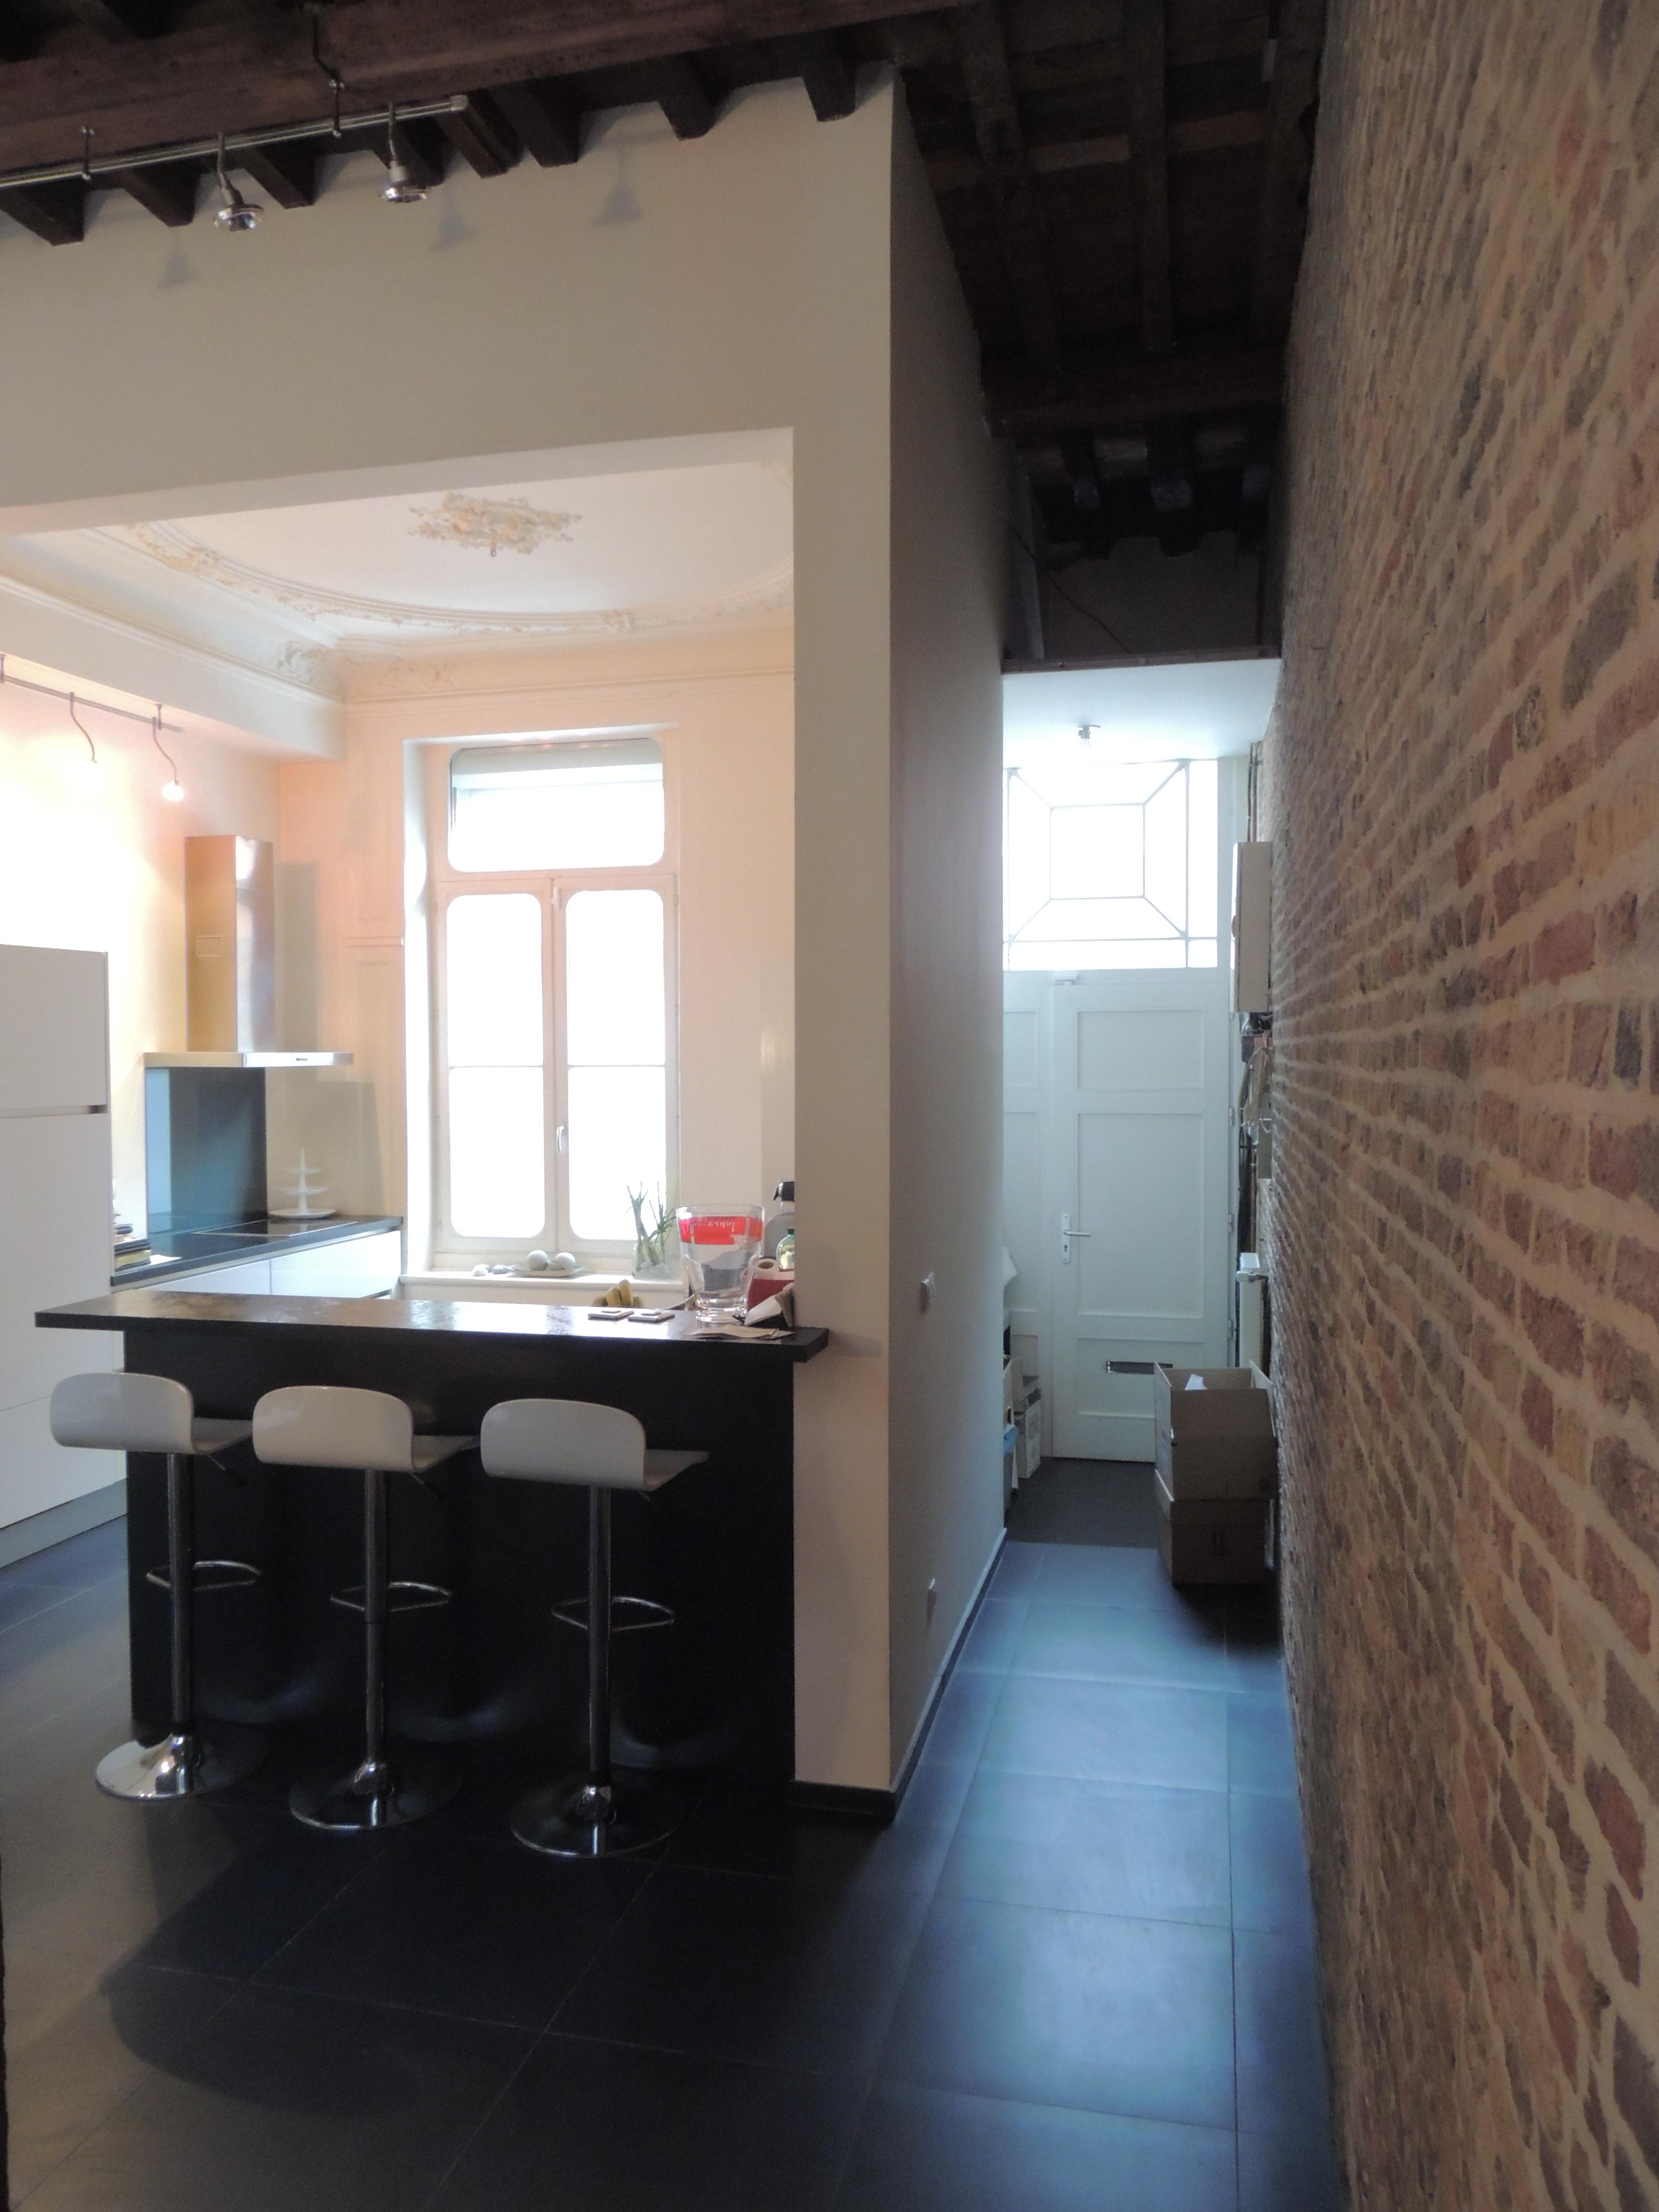 Architecte D Intérieur Lille architecte d'intérieur florence brongniart agence b lille